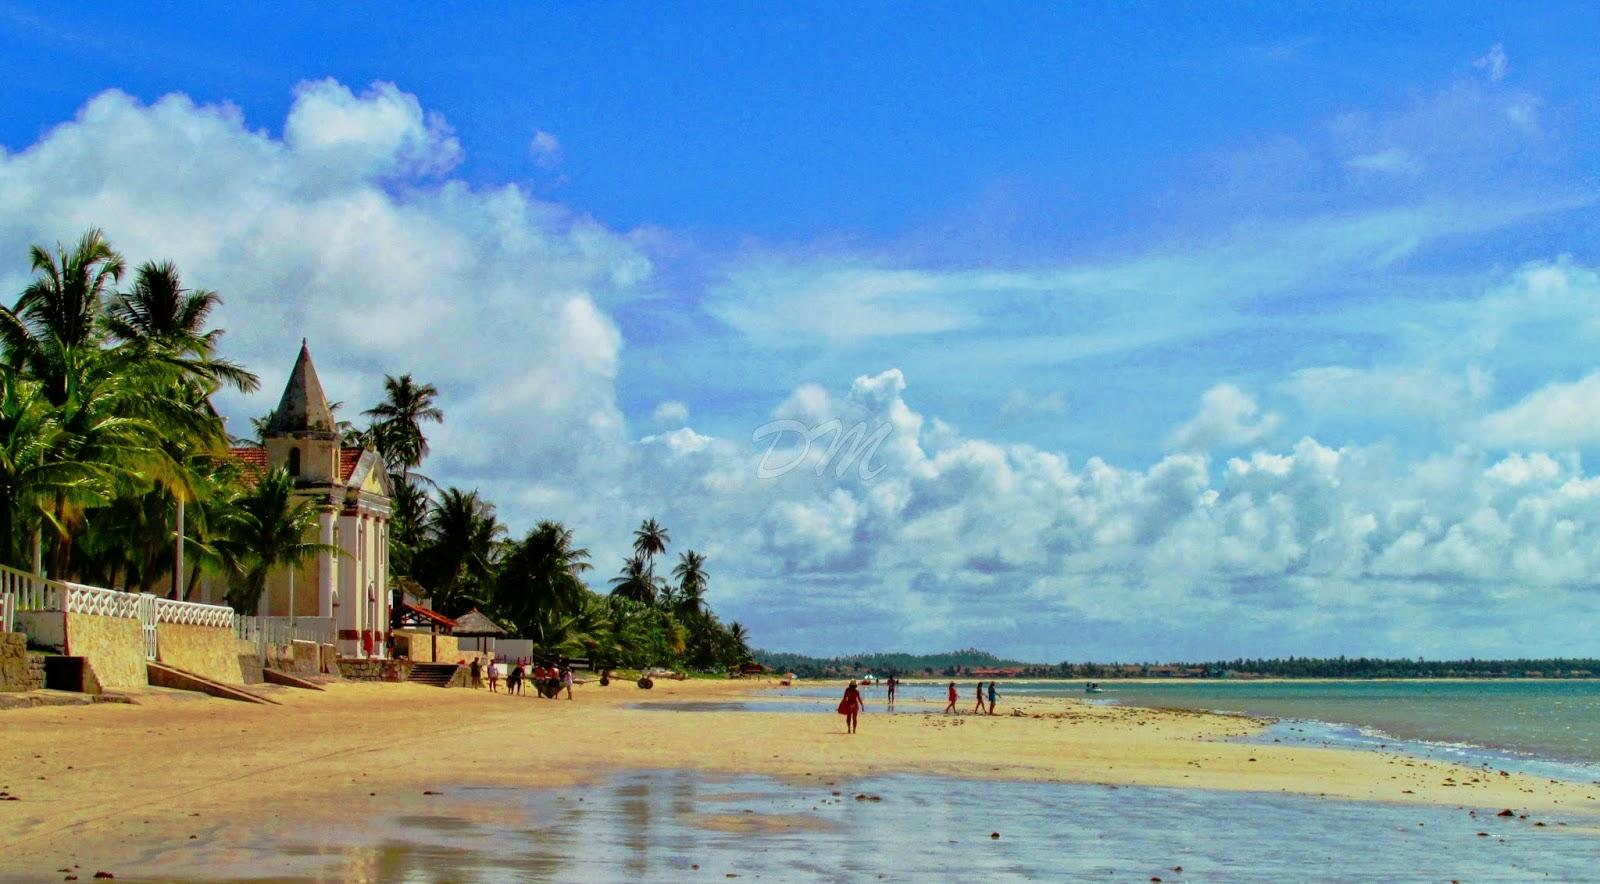 Praia de Tamandaré